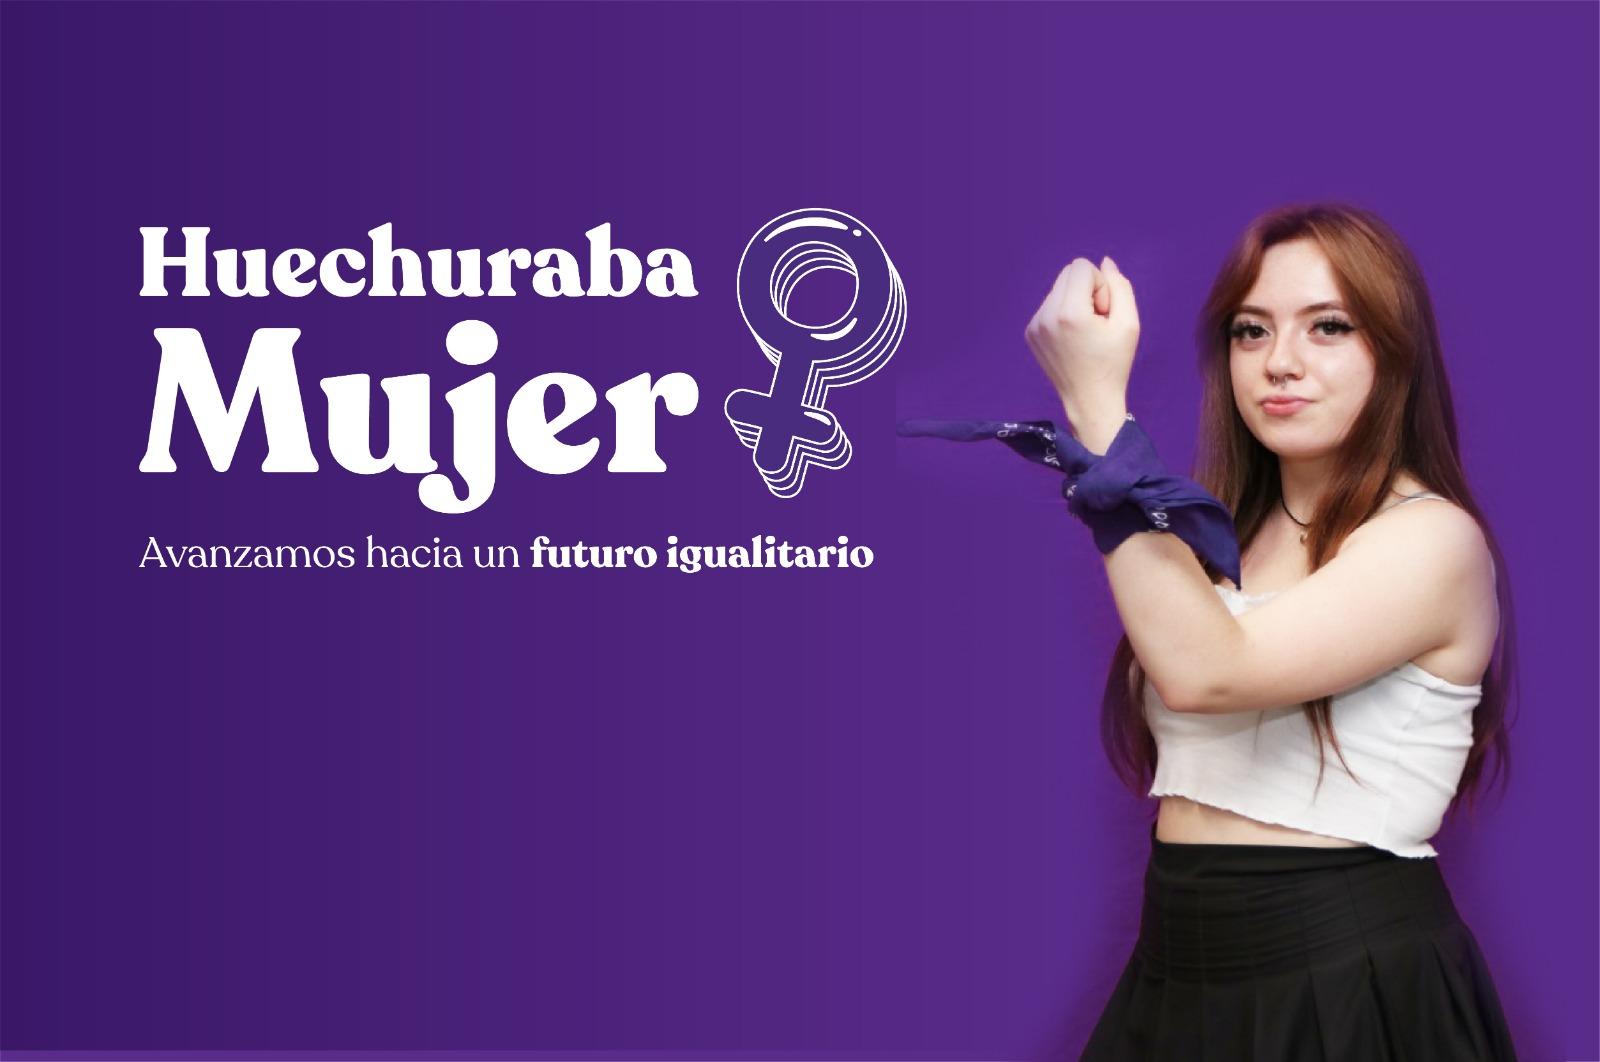 Huechuraba conmemora el Mes de la Mujer